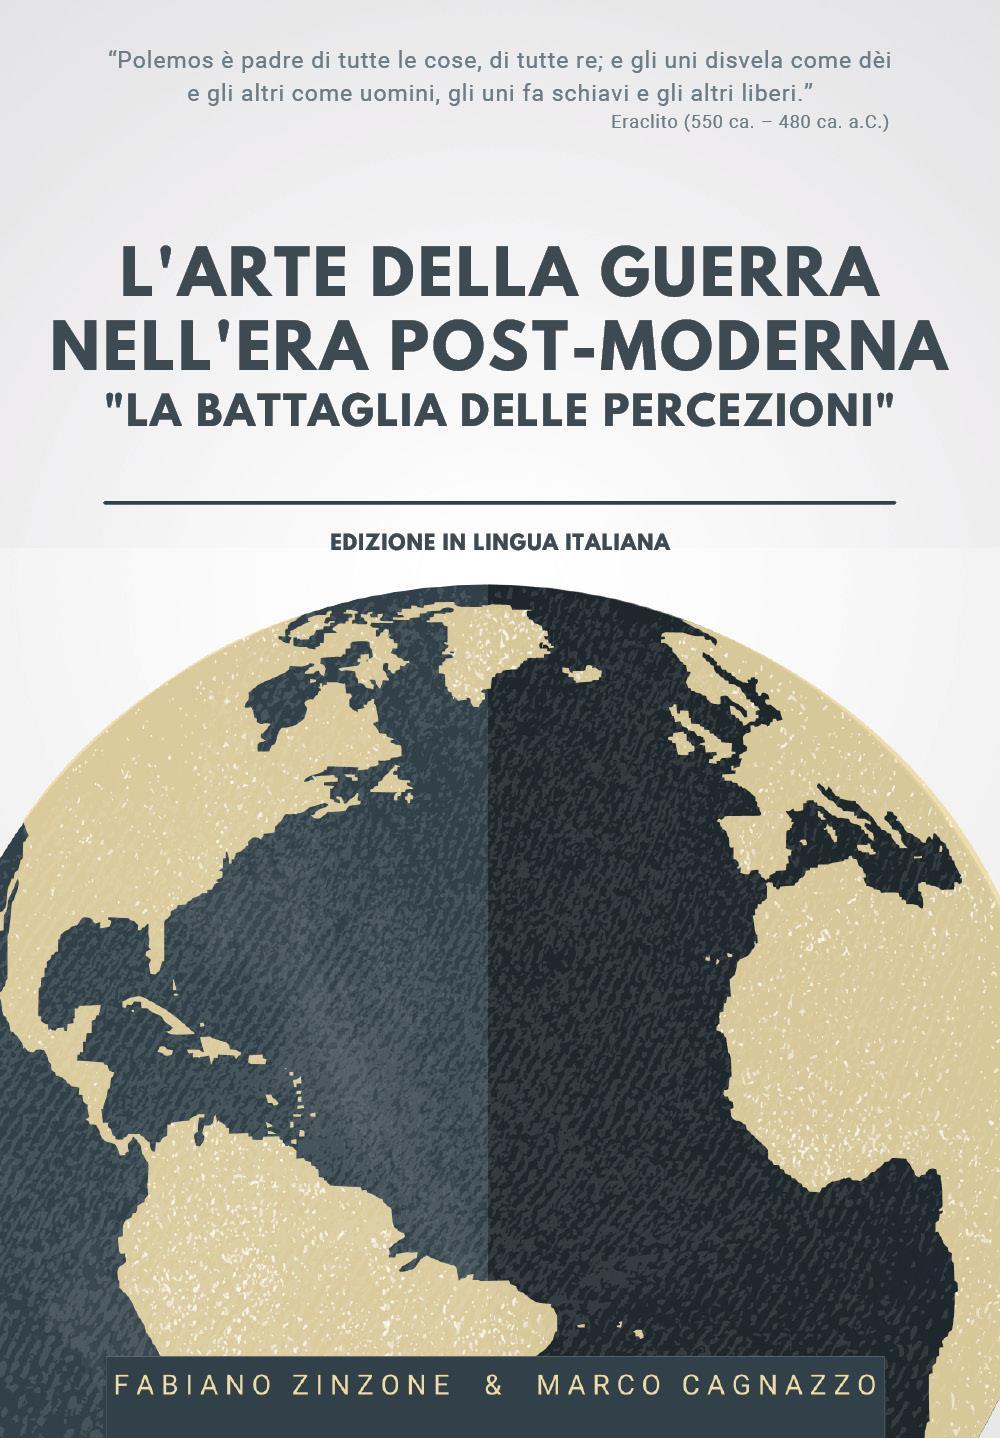 L'ARTE DELLA GUERRA NELL'ERA POST-MODERNA - La Battaglia delle Percezioni